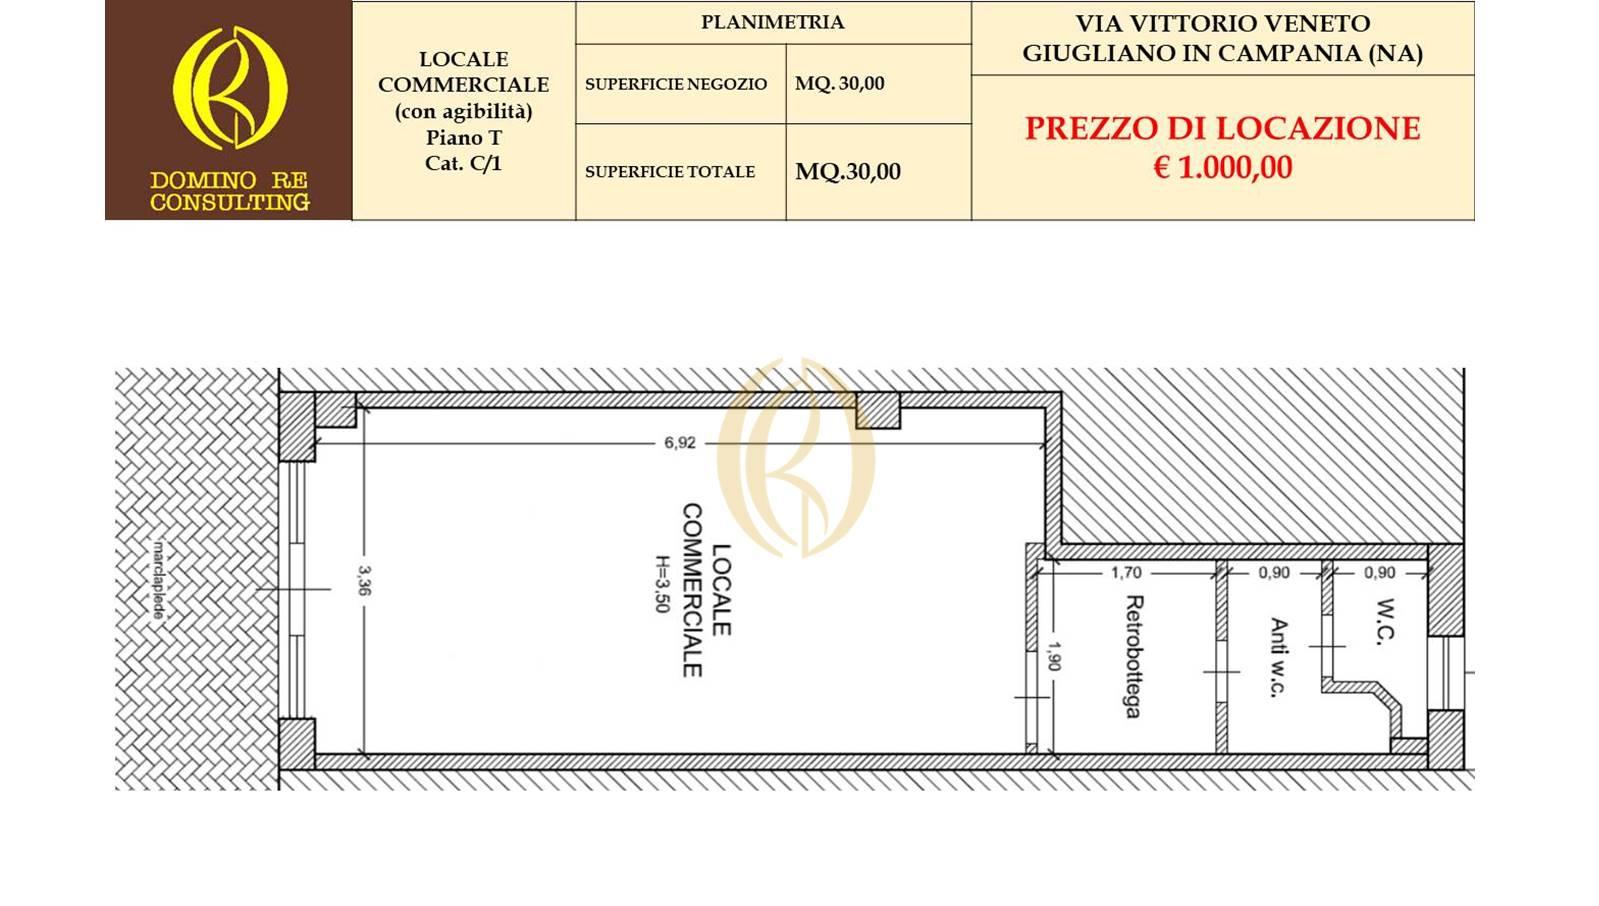 Fittasi Locale commerciale (ristorazione),  Giugliano in Campania (NA).